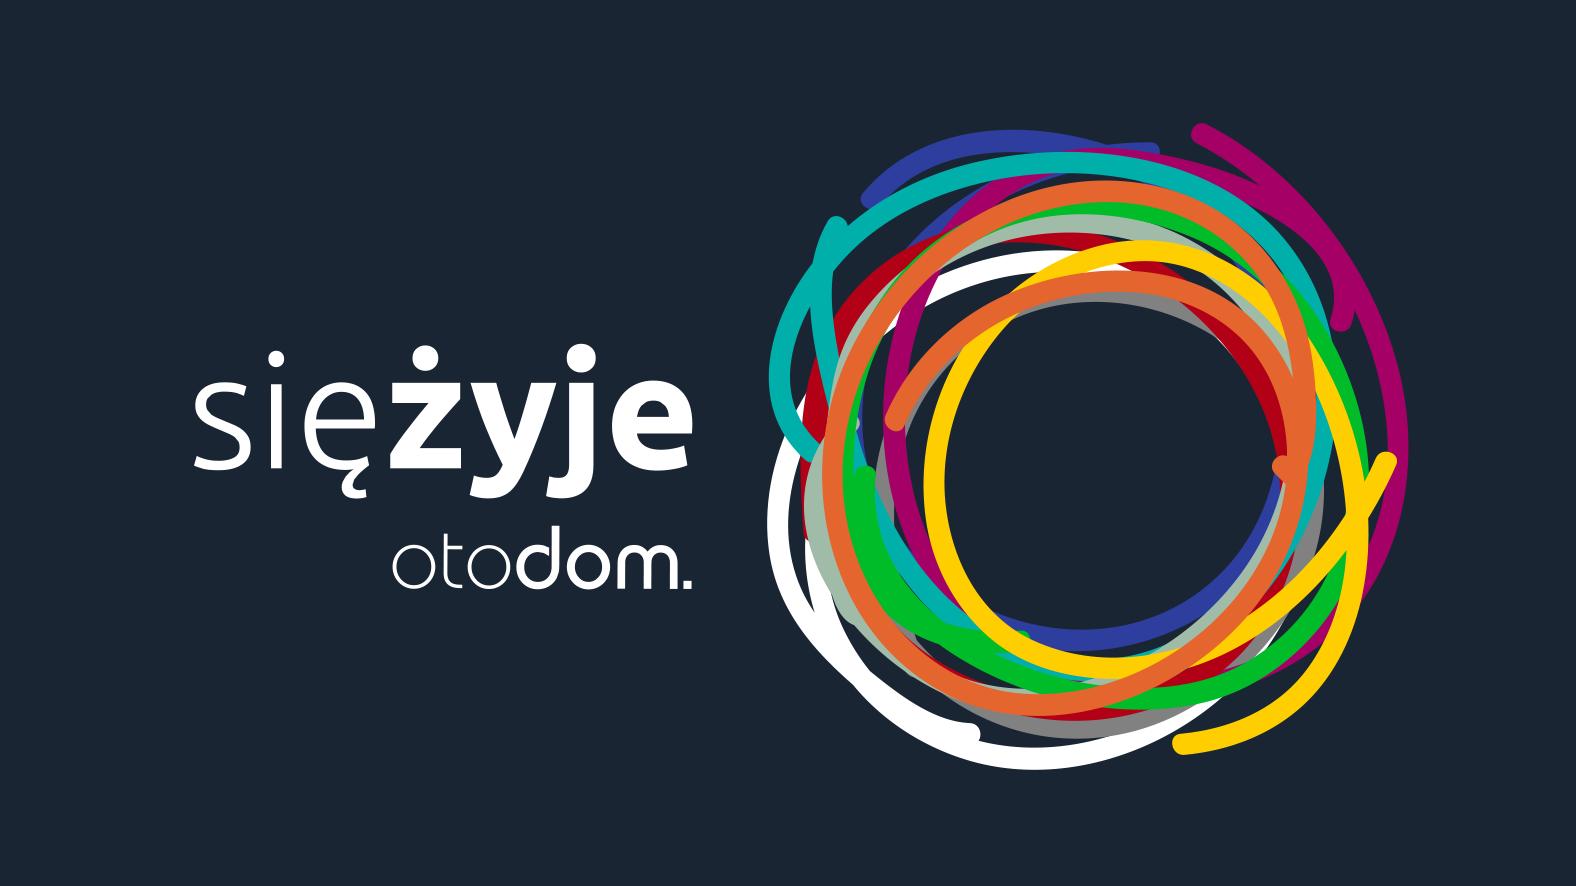 siężyje - raport Otodom